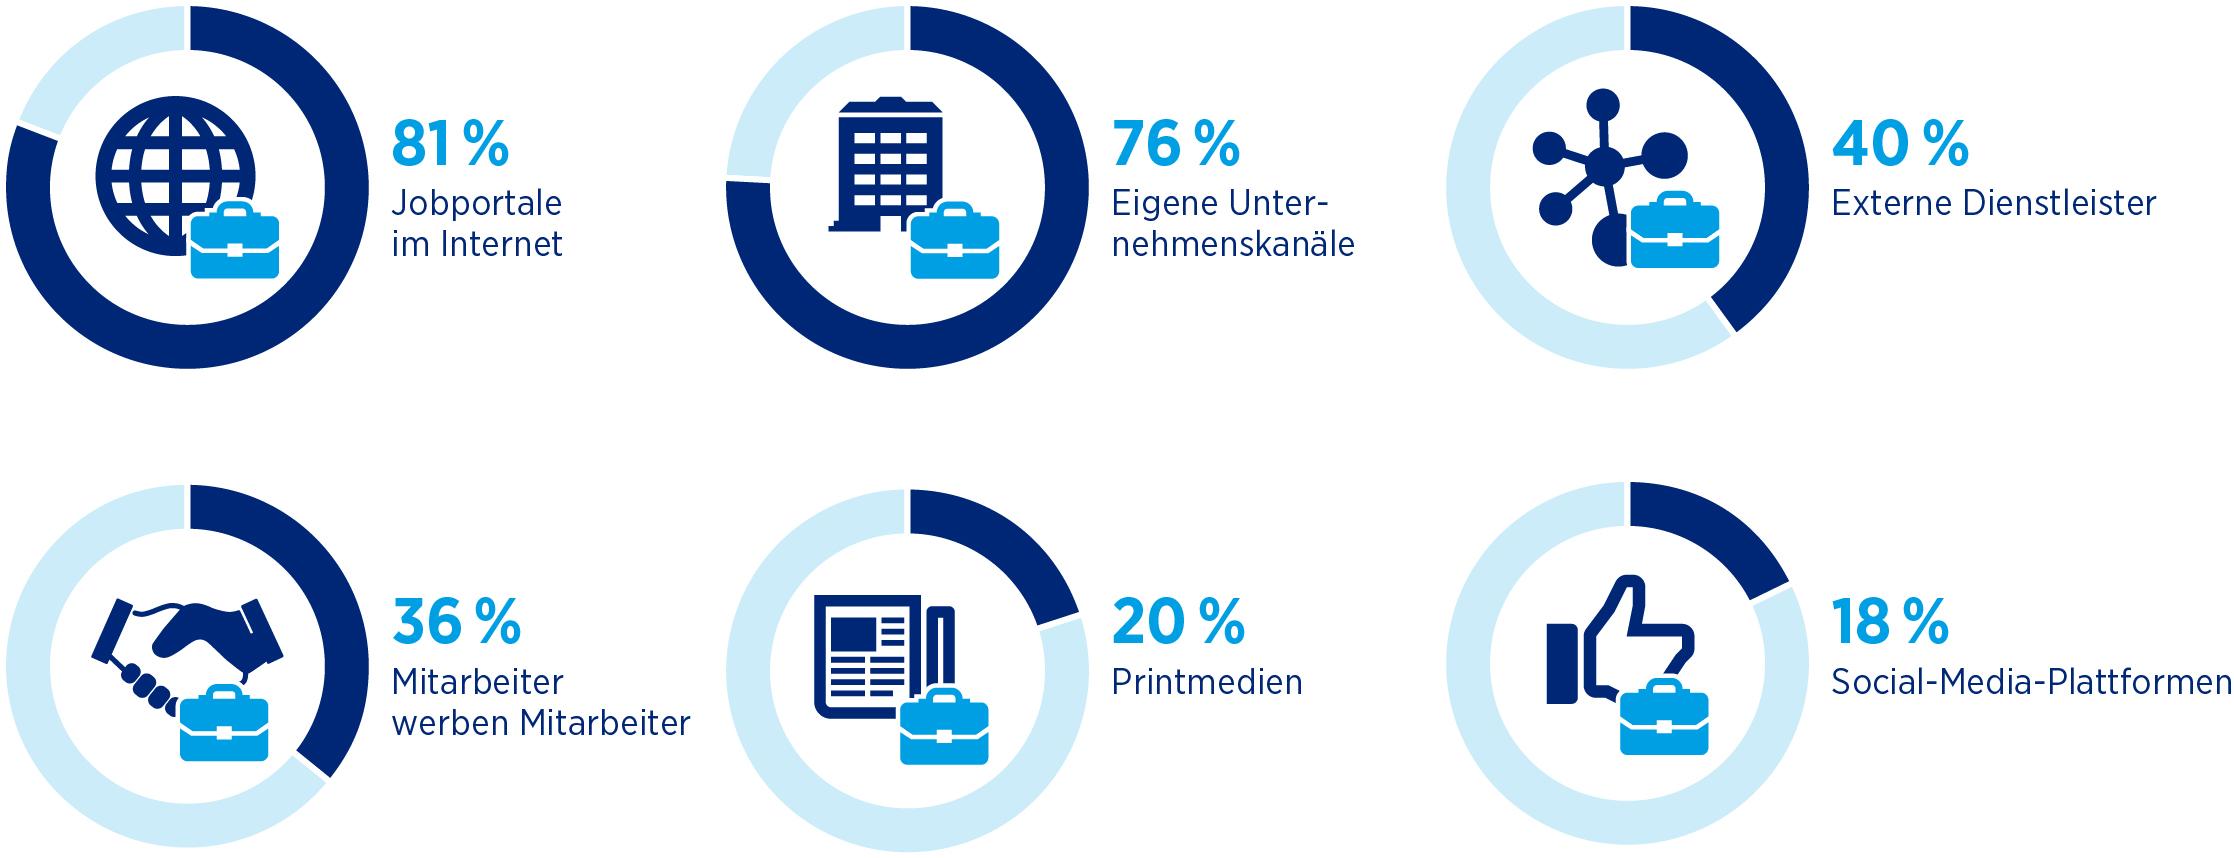 bevorzugte Rekrutierungskanäle deutscher Unternehmen